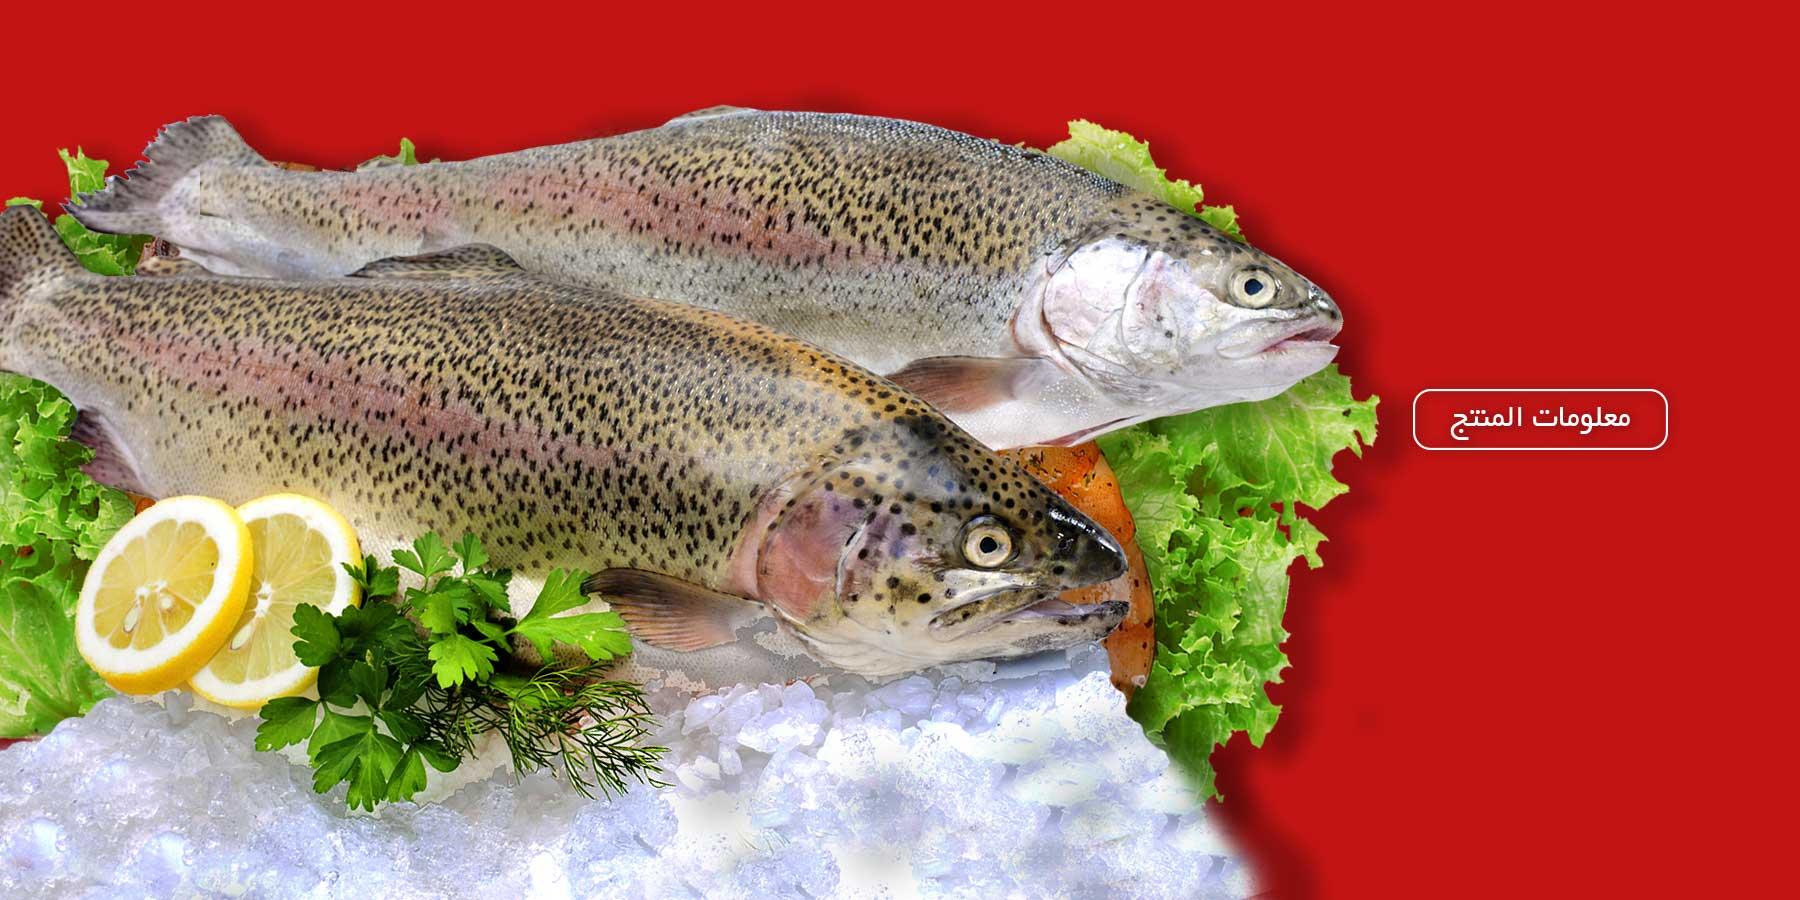 لحم السمك الطازجة والمجمدة مهیا بروتین